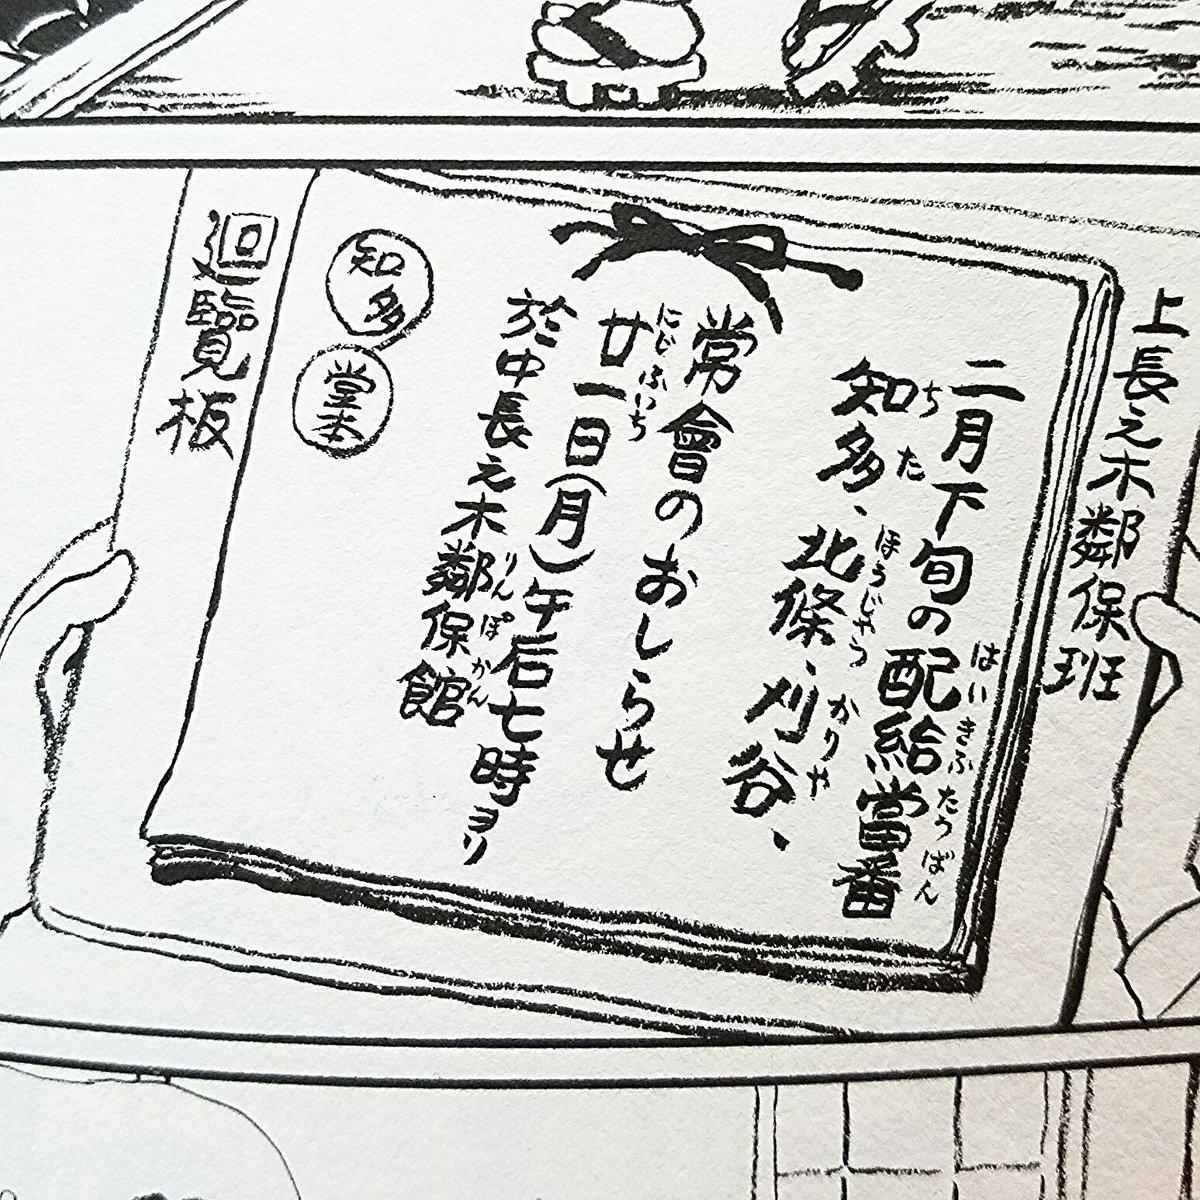 こうの史代さんの『この世界の片隅に』で、北條家にも回覧された「上長之木常会のお知らせ」。映画を見た時も気になっていたが、